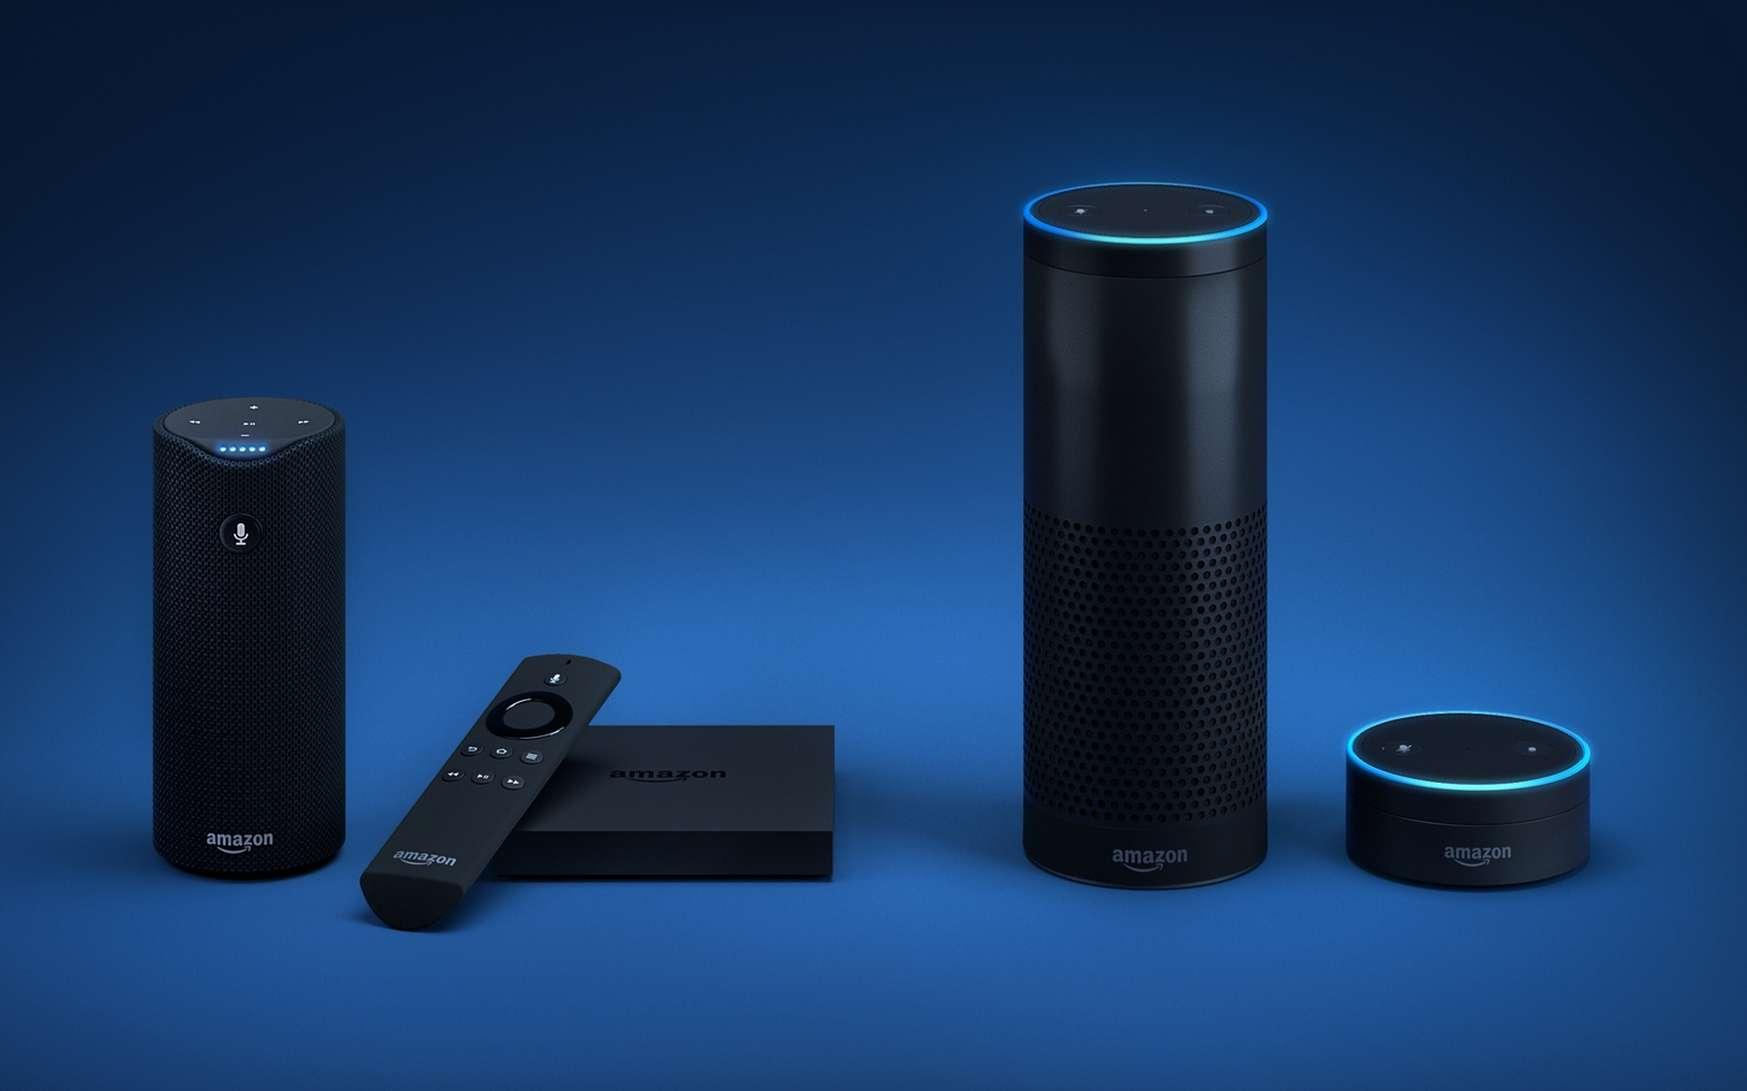 Pour faire mieux que Google Home, Alexa va s'enrichir des réponses...